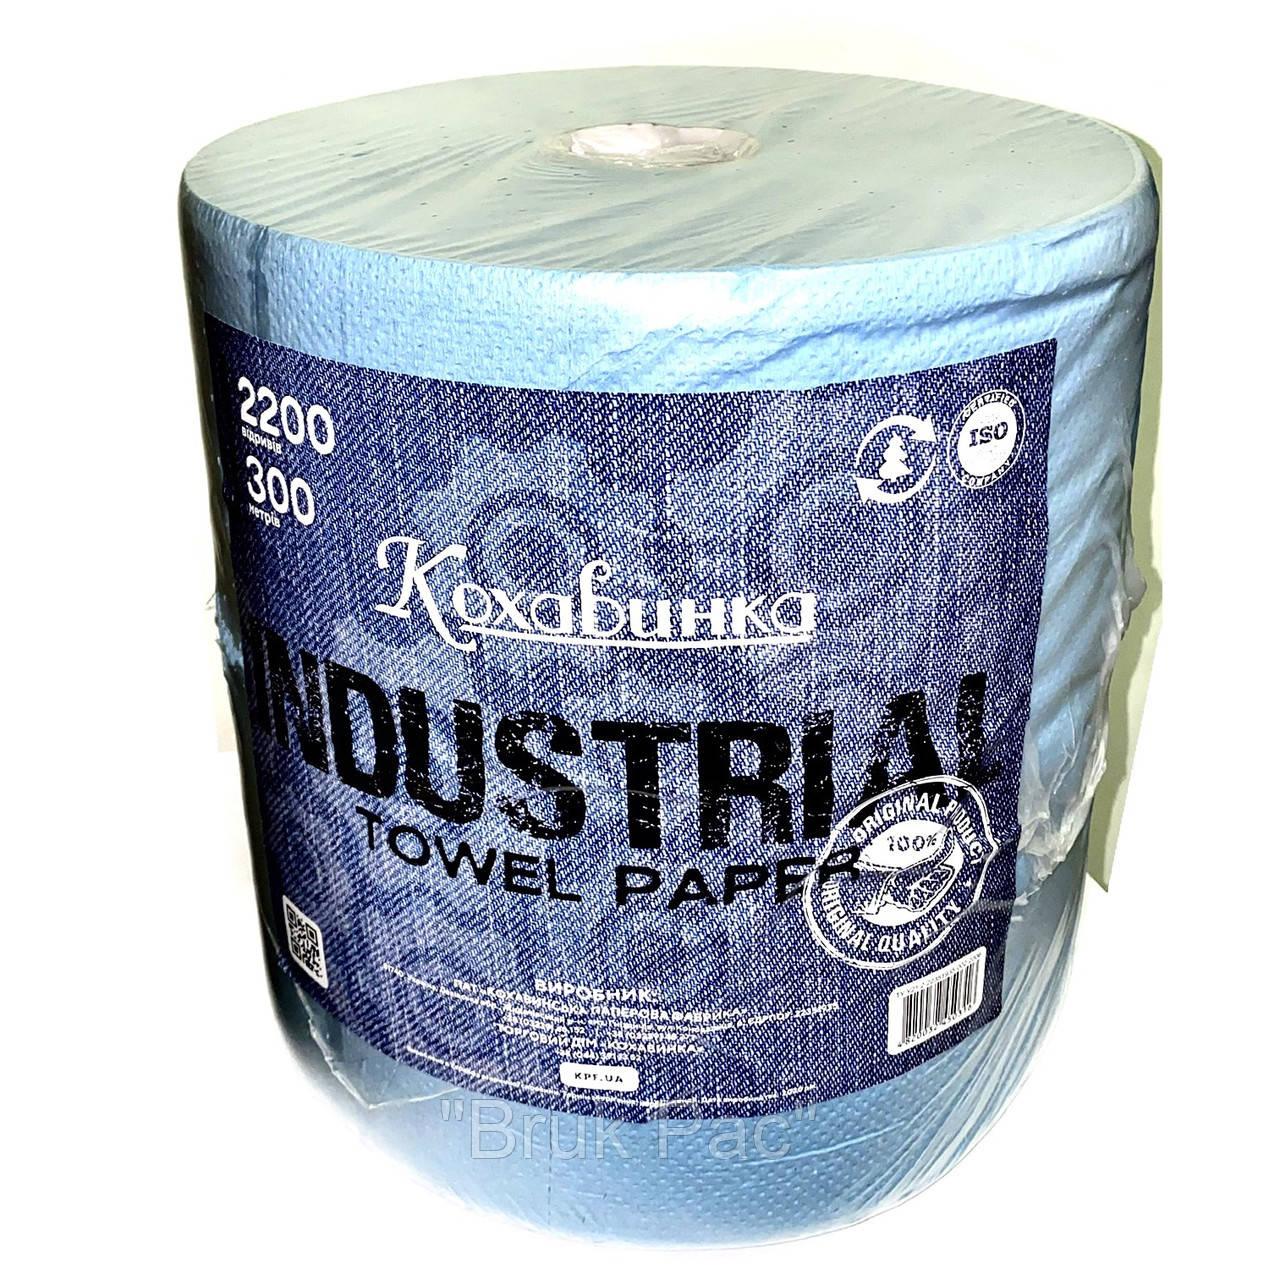 Рушник Кохавинка Industrial towel paper 1200 відривів